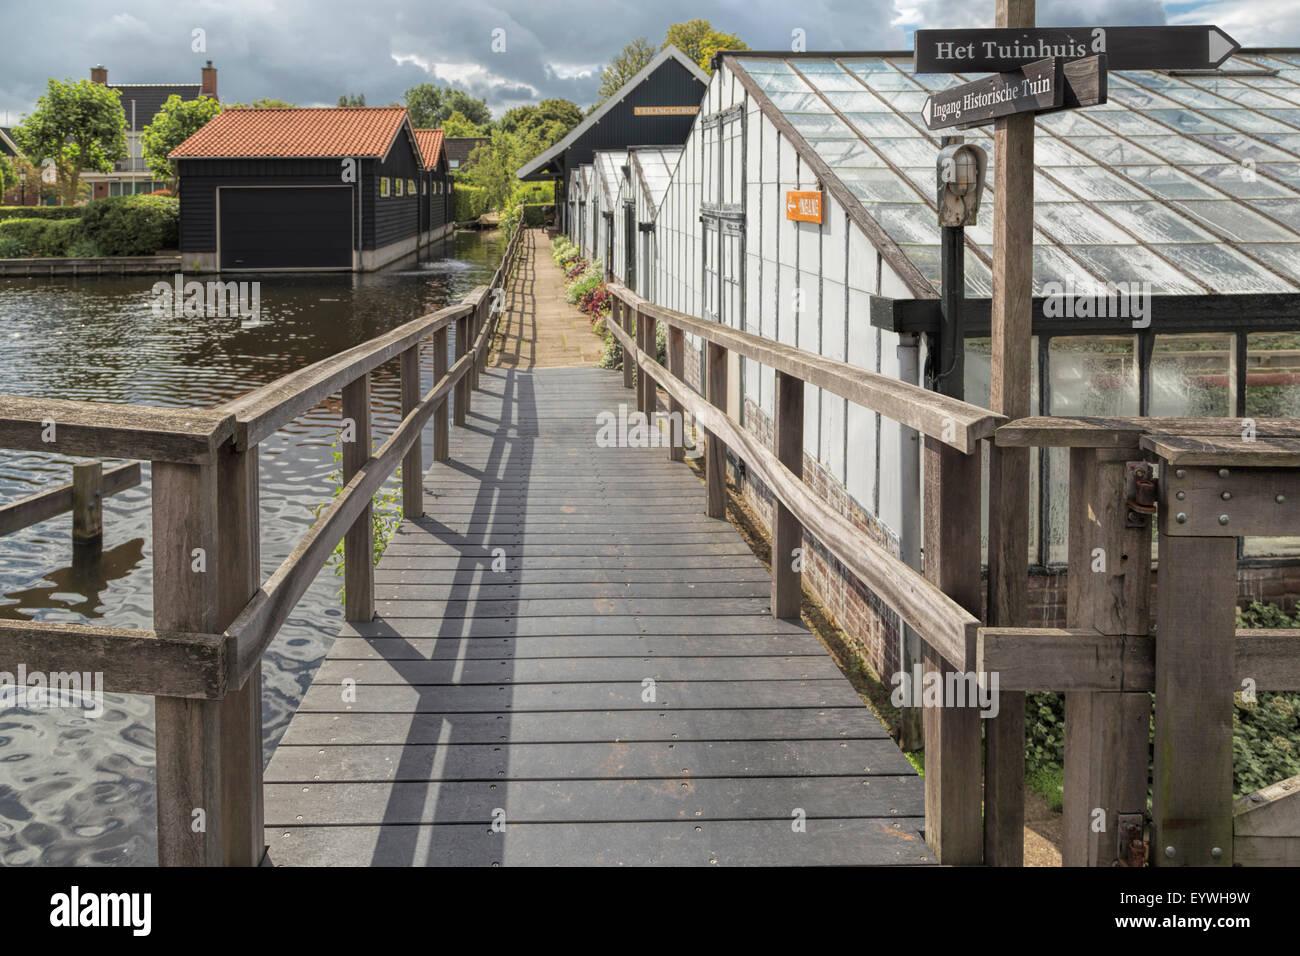 Historische Tuin Aalsmeer : Aalsmeervandaag